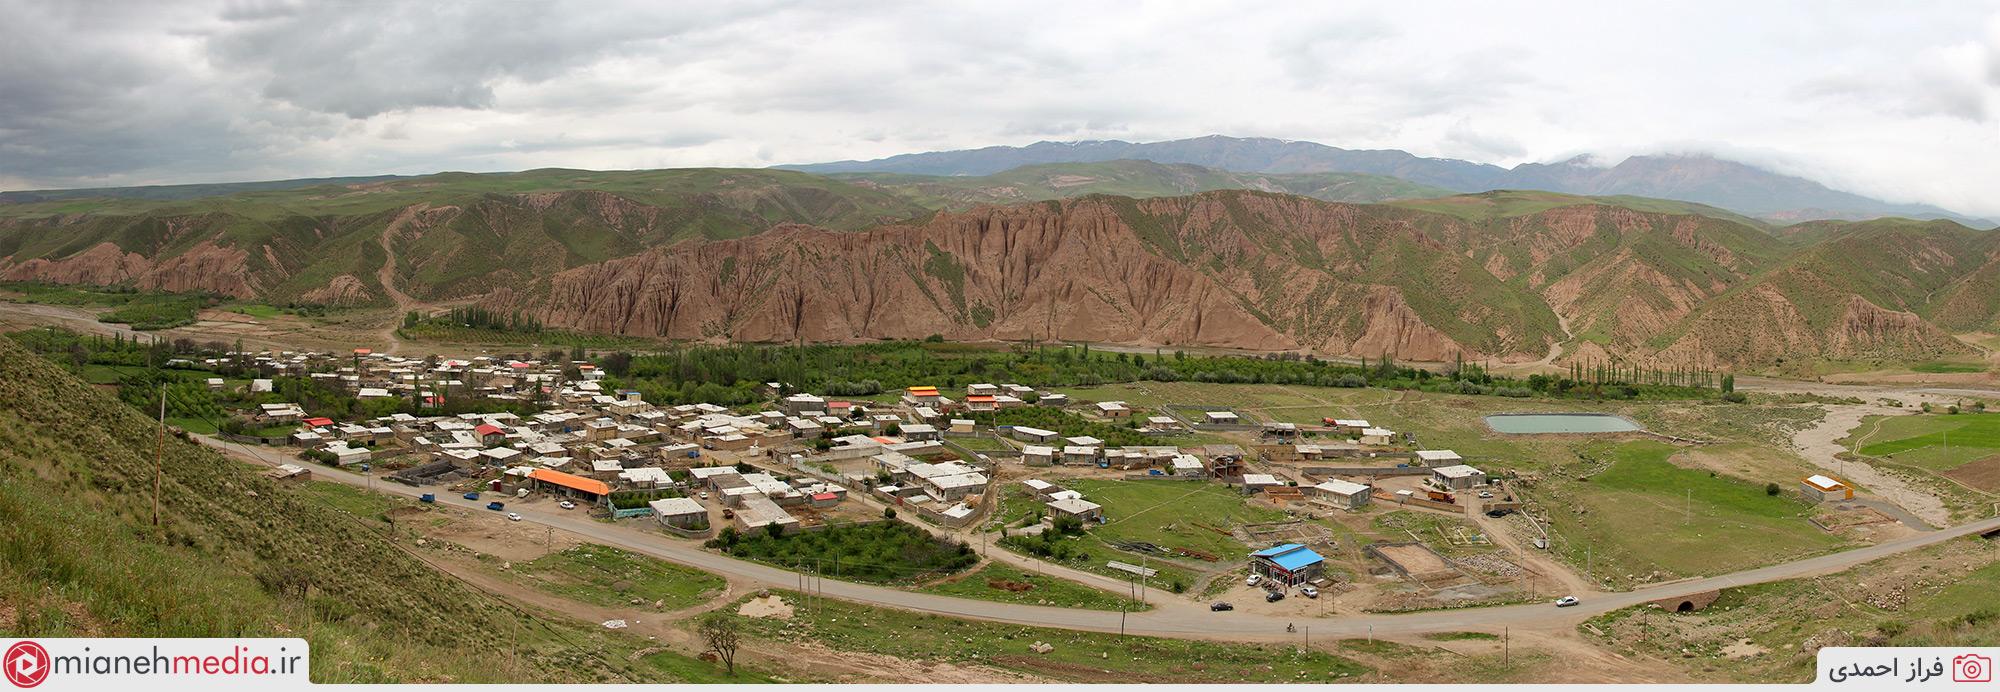 روستای چشمه کش (ساری قمیش)